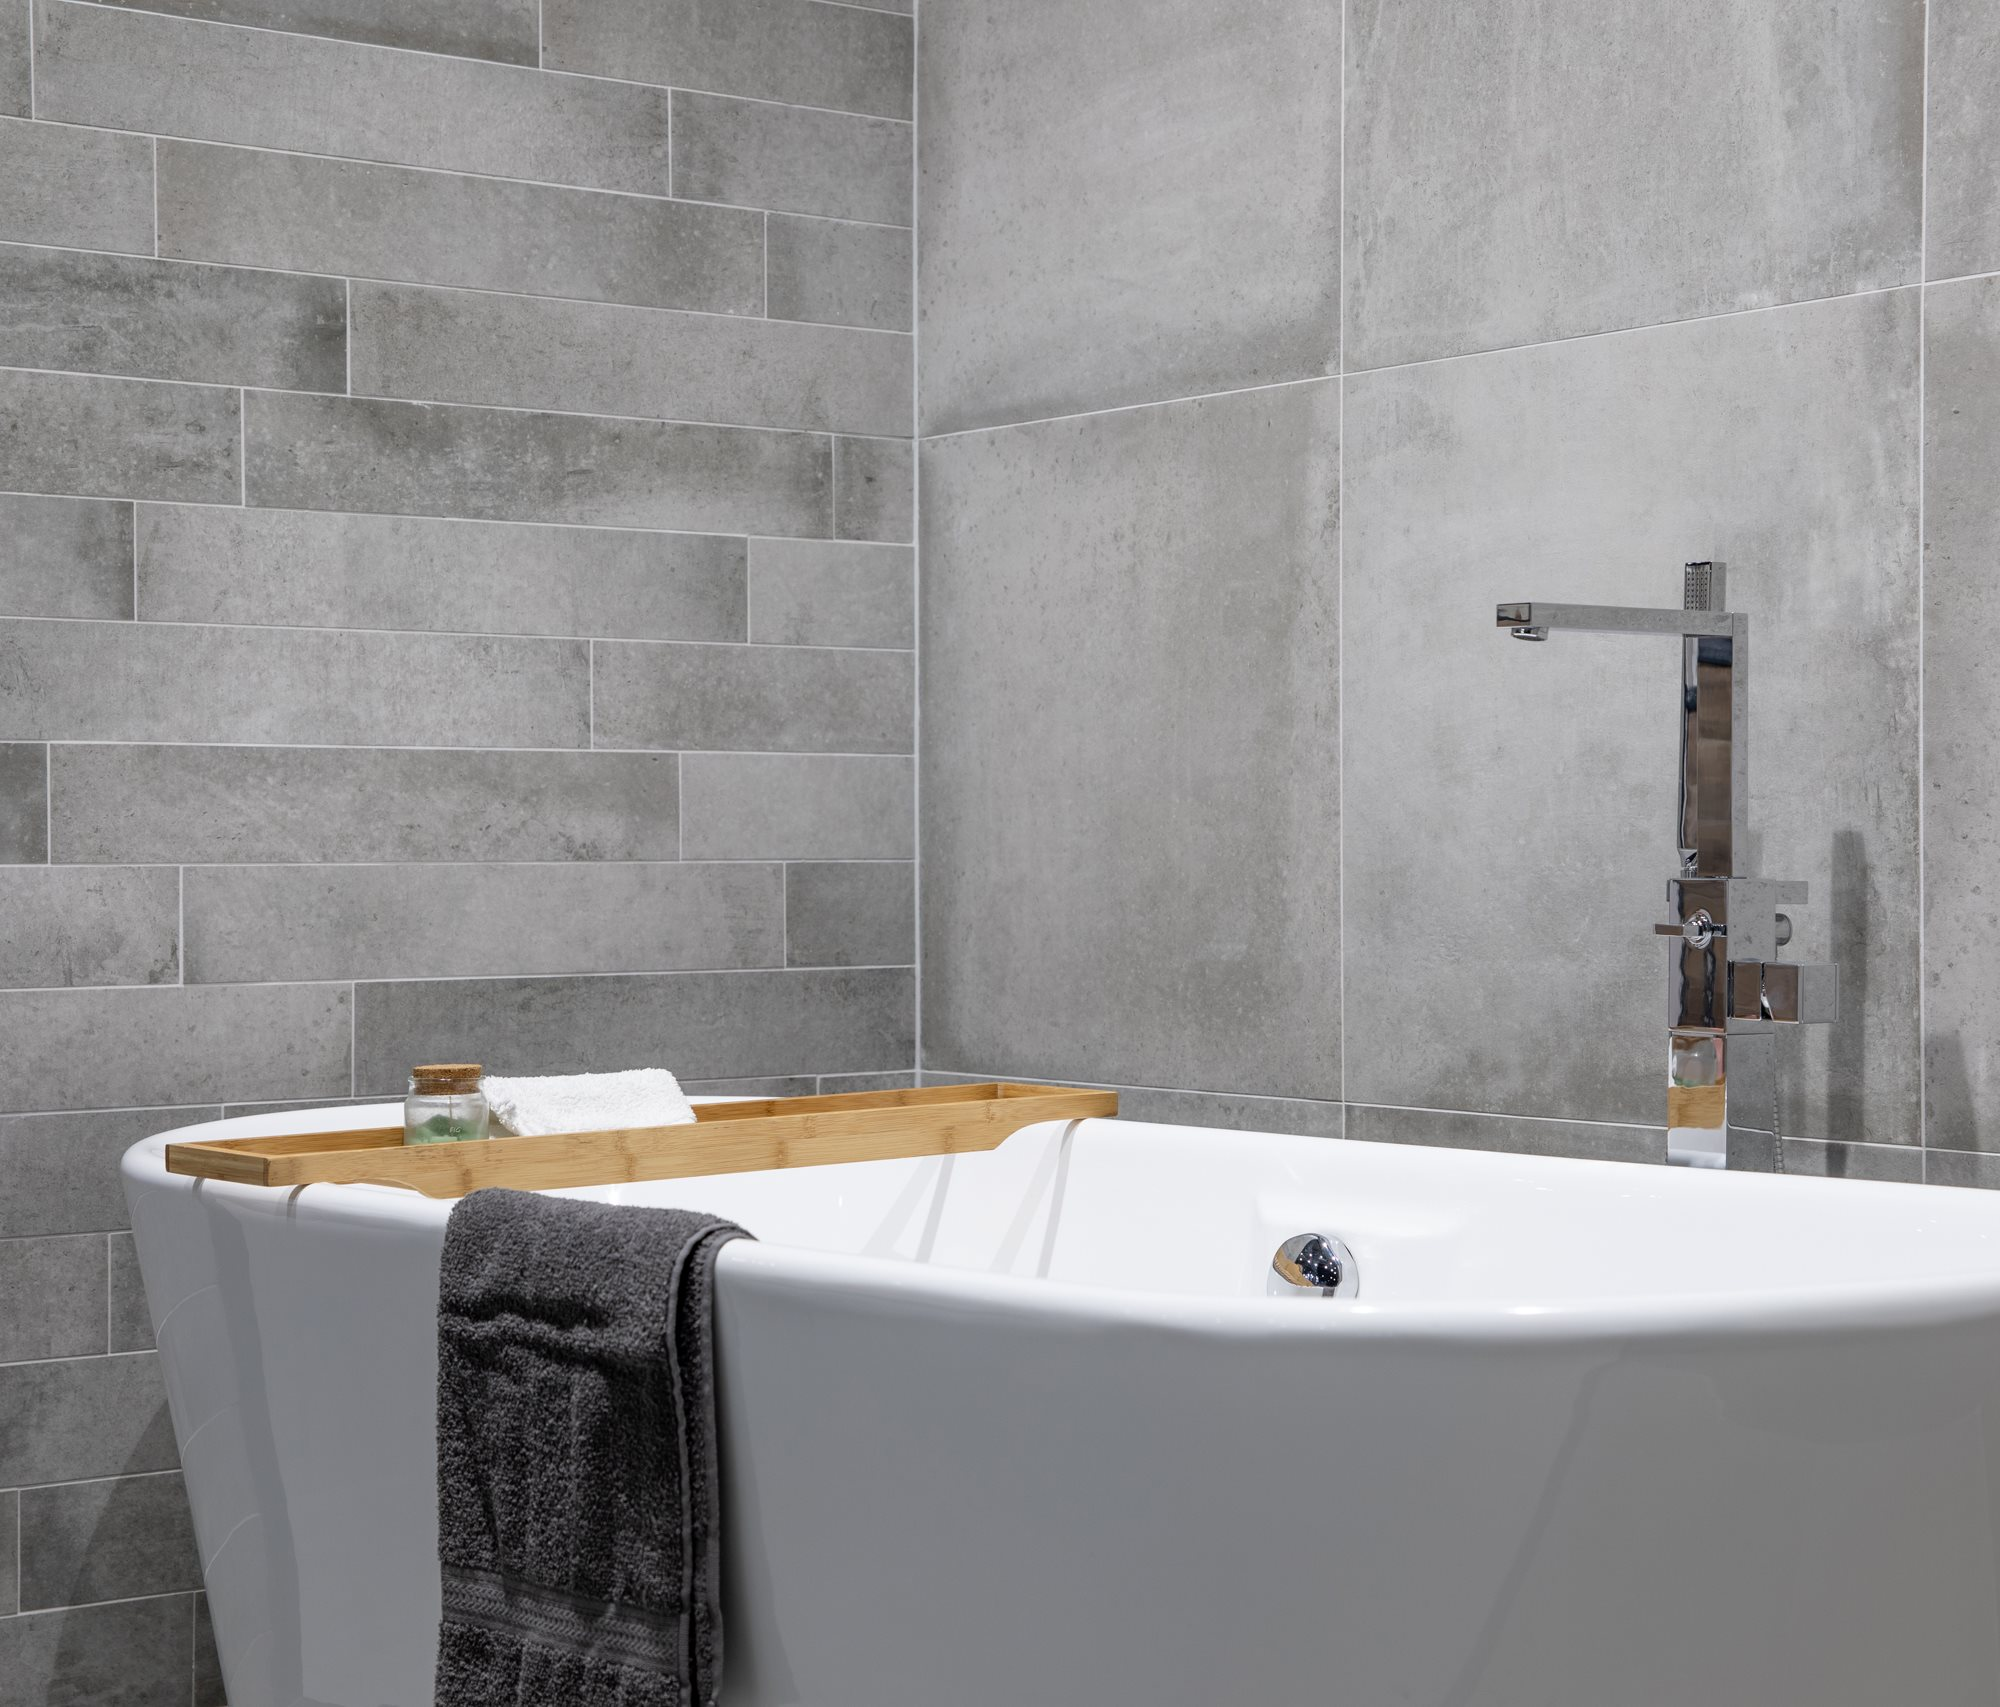 badkamer-grijze-betonlook-tegels (2).jpg